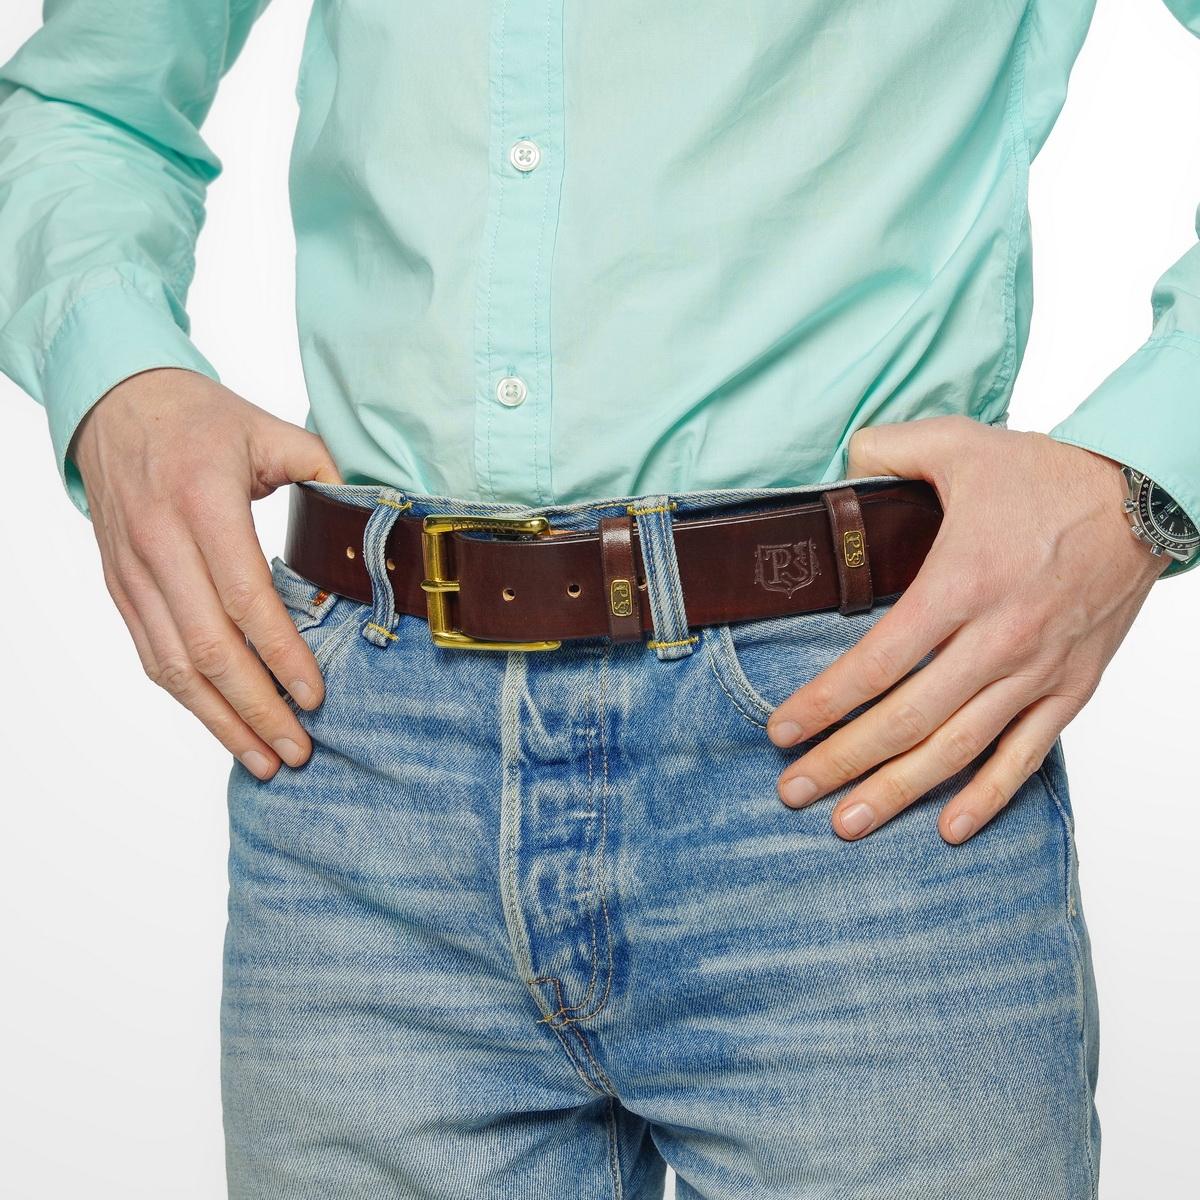 Широкий джинсовый ремень с латунной пряжкой 40мм каштановый